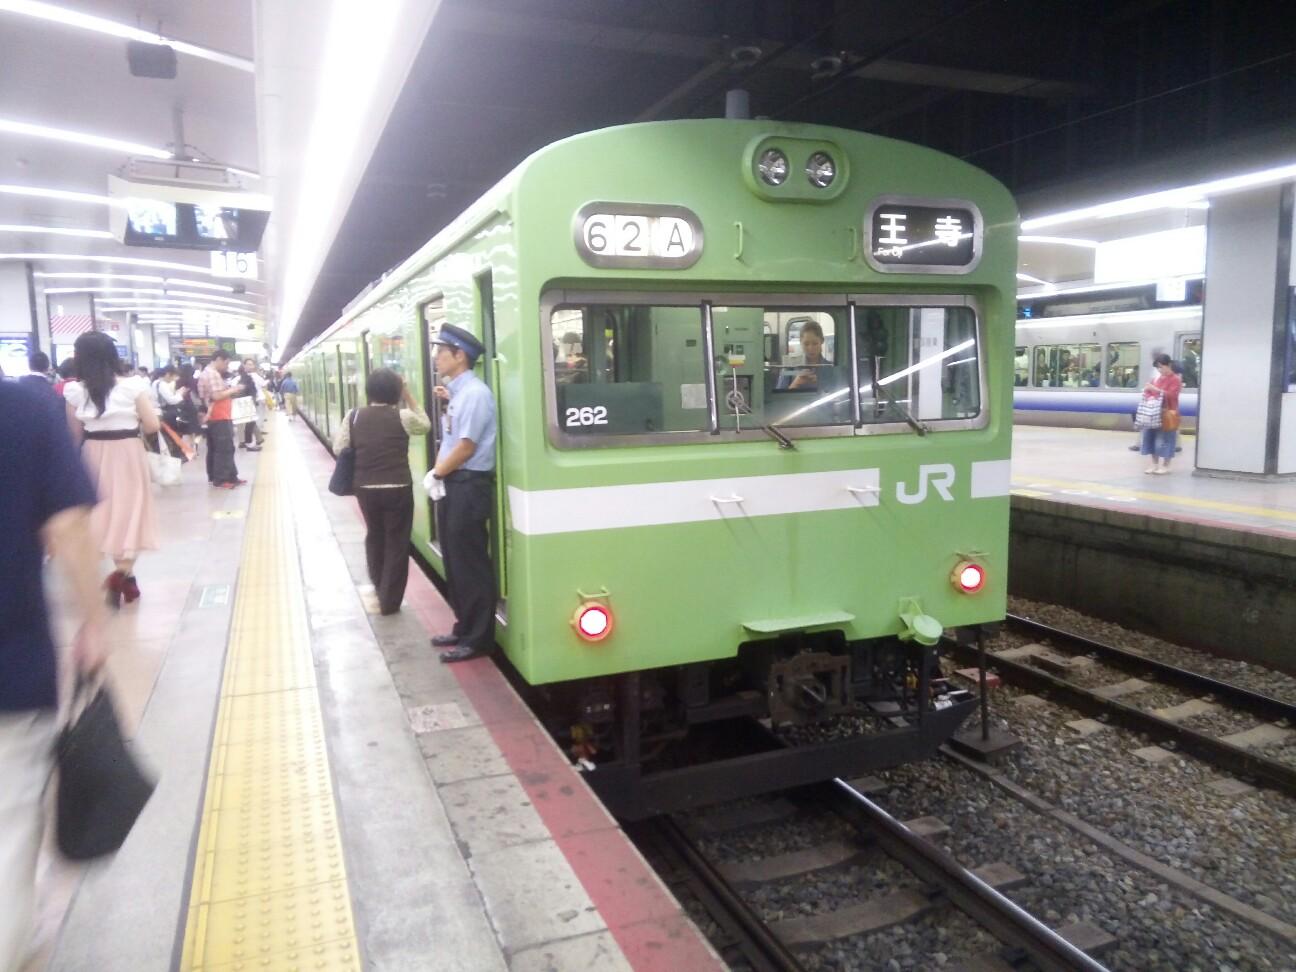 f:id:Osakaloopline:20170930230512j:image